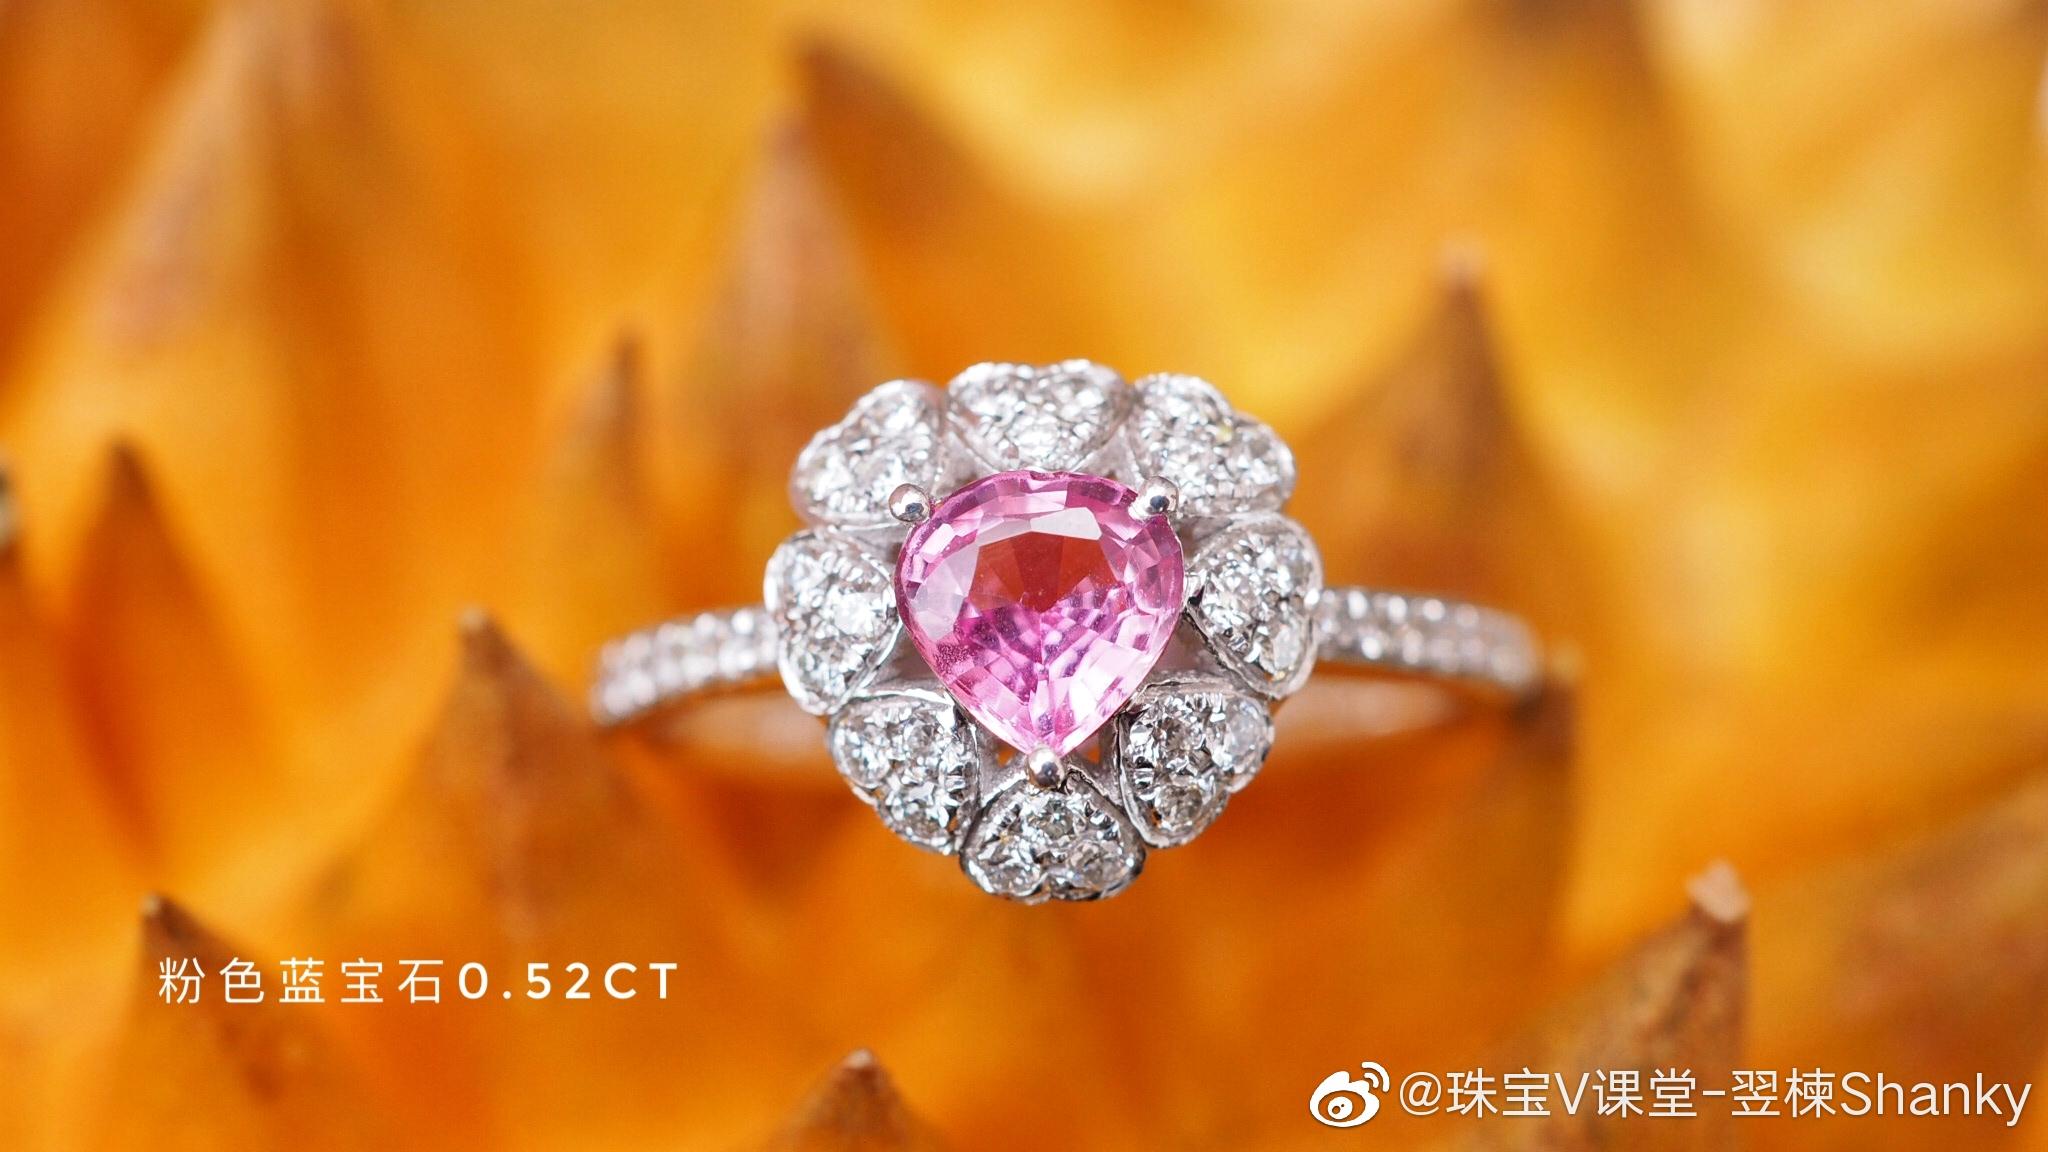 少女粉的粉色蓝宝石,0.52ct,粉钻般闪闪发光,18K金伴钻